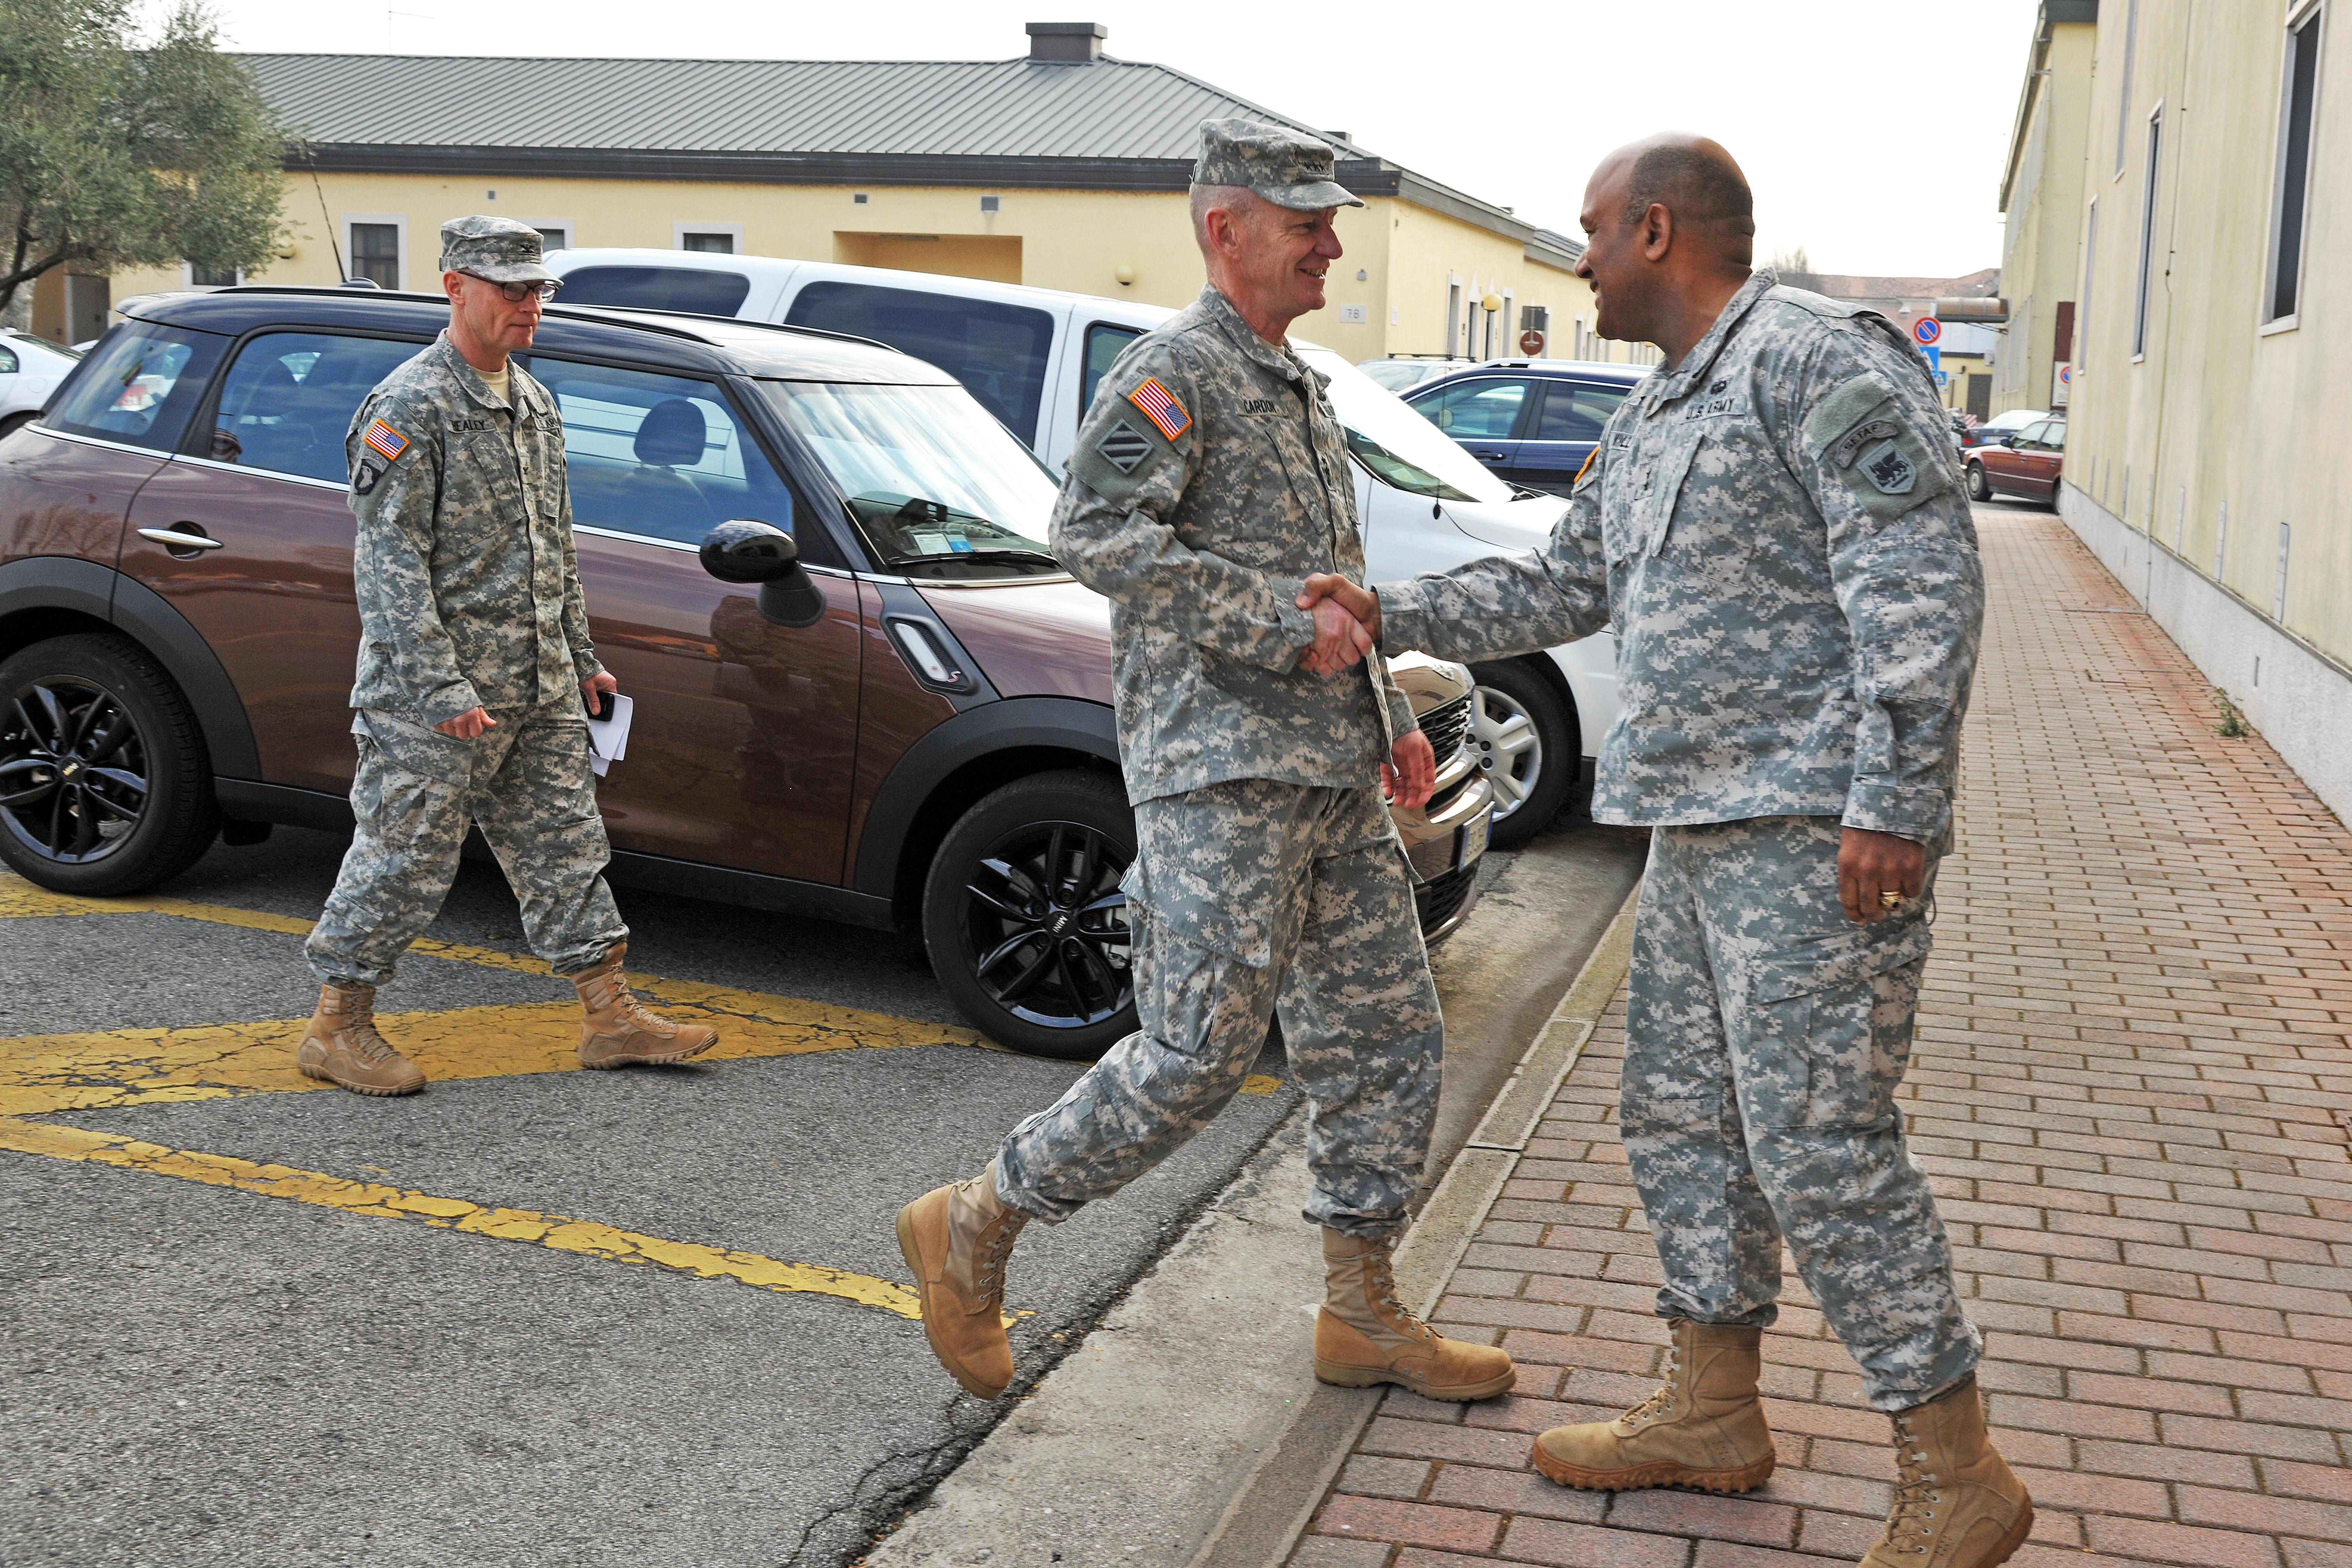 File Lt Gen Edward C Cardon Visits At Caserma Ederle In Vicenza